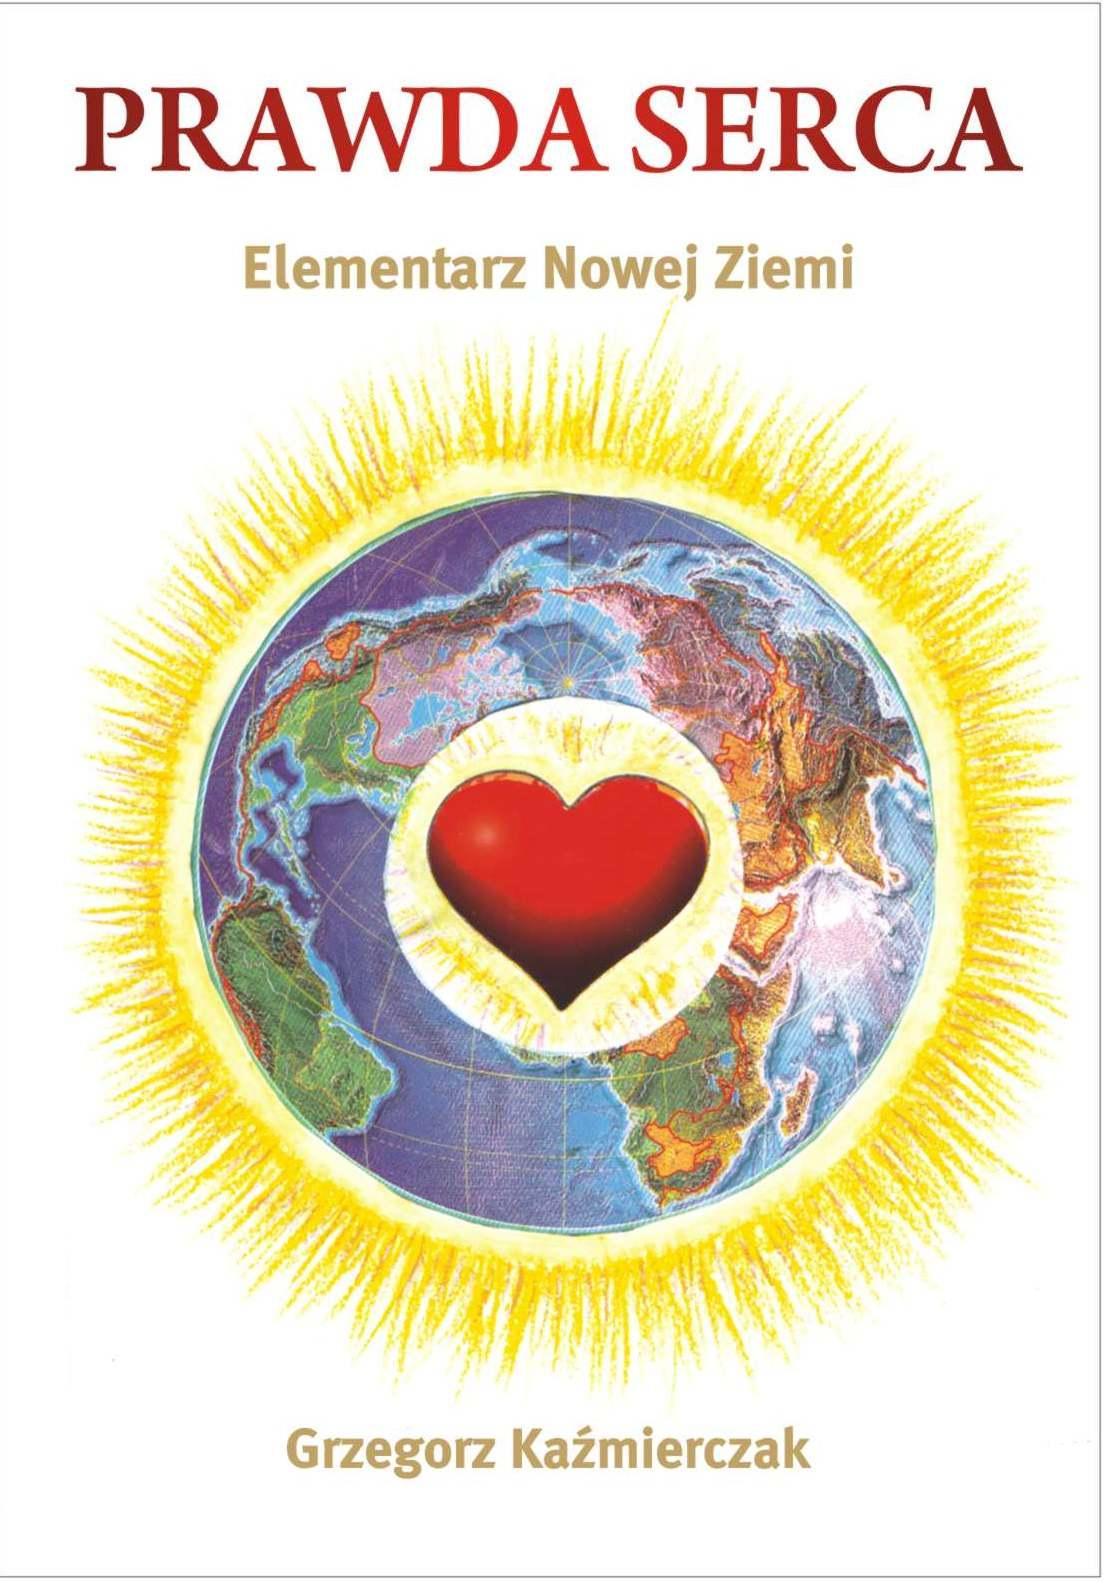 Prawda serca. Elementarz Nowej Ziemi - Ebook (Książka EPUB) do pobrania w formacie EPUB